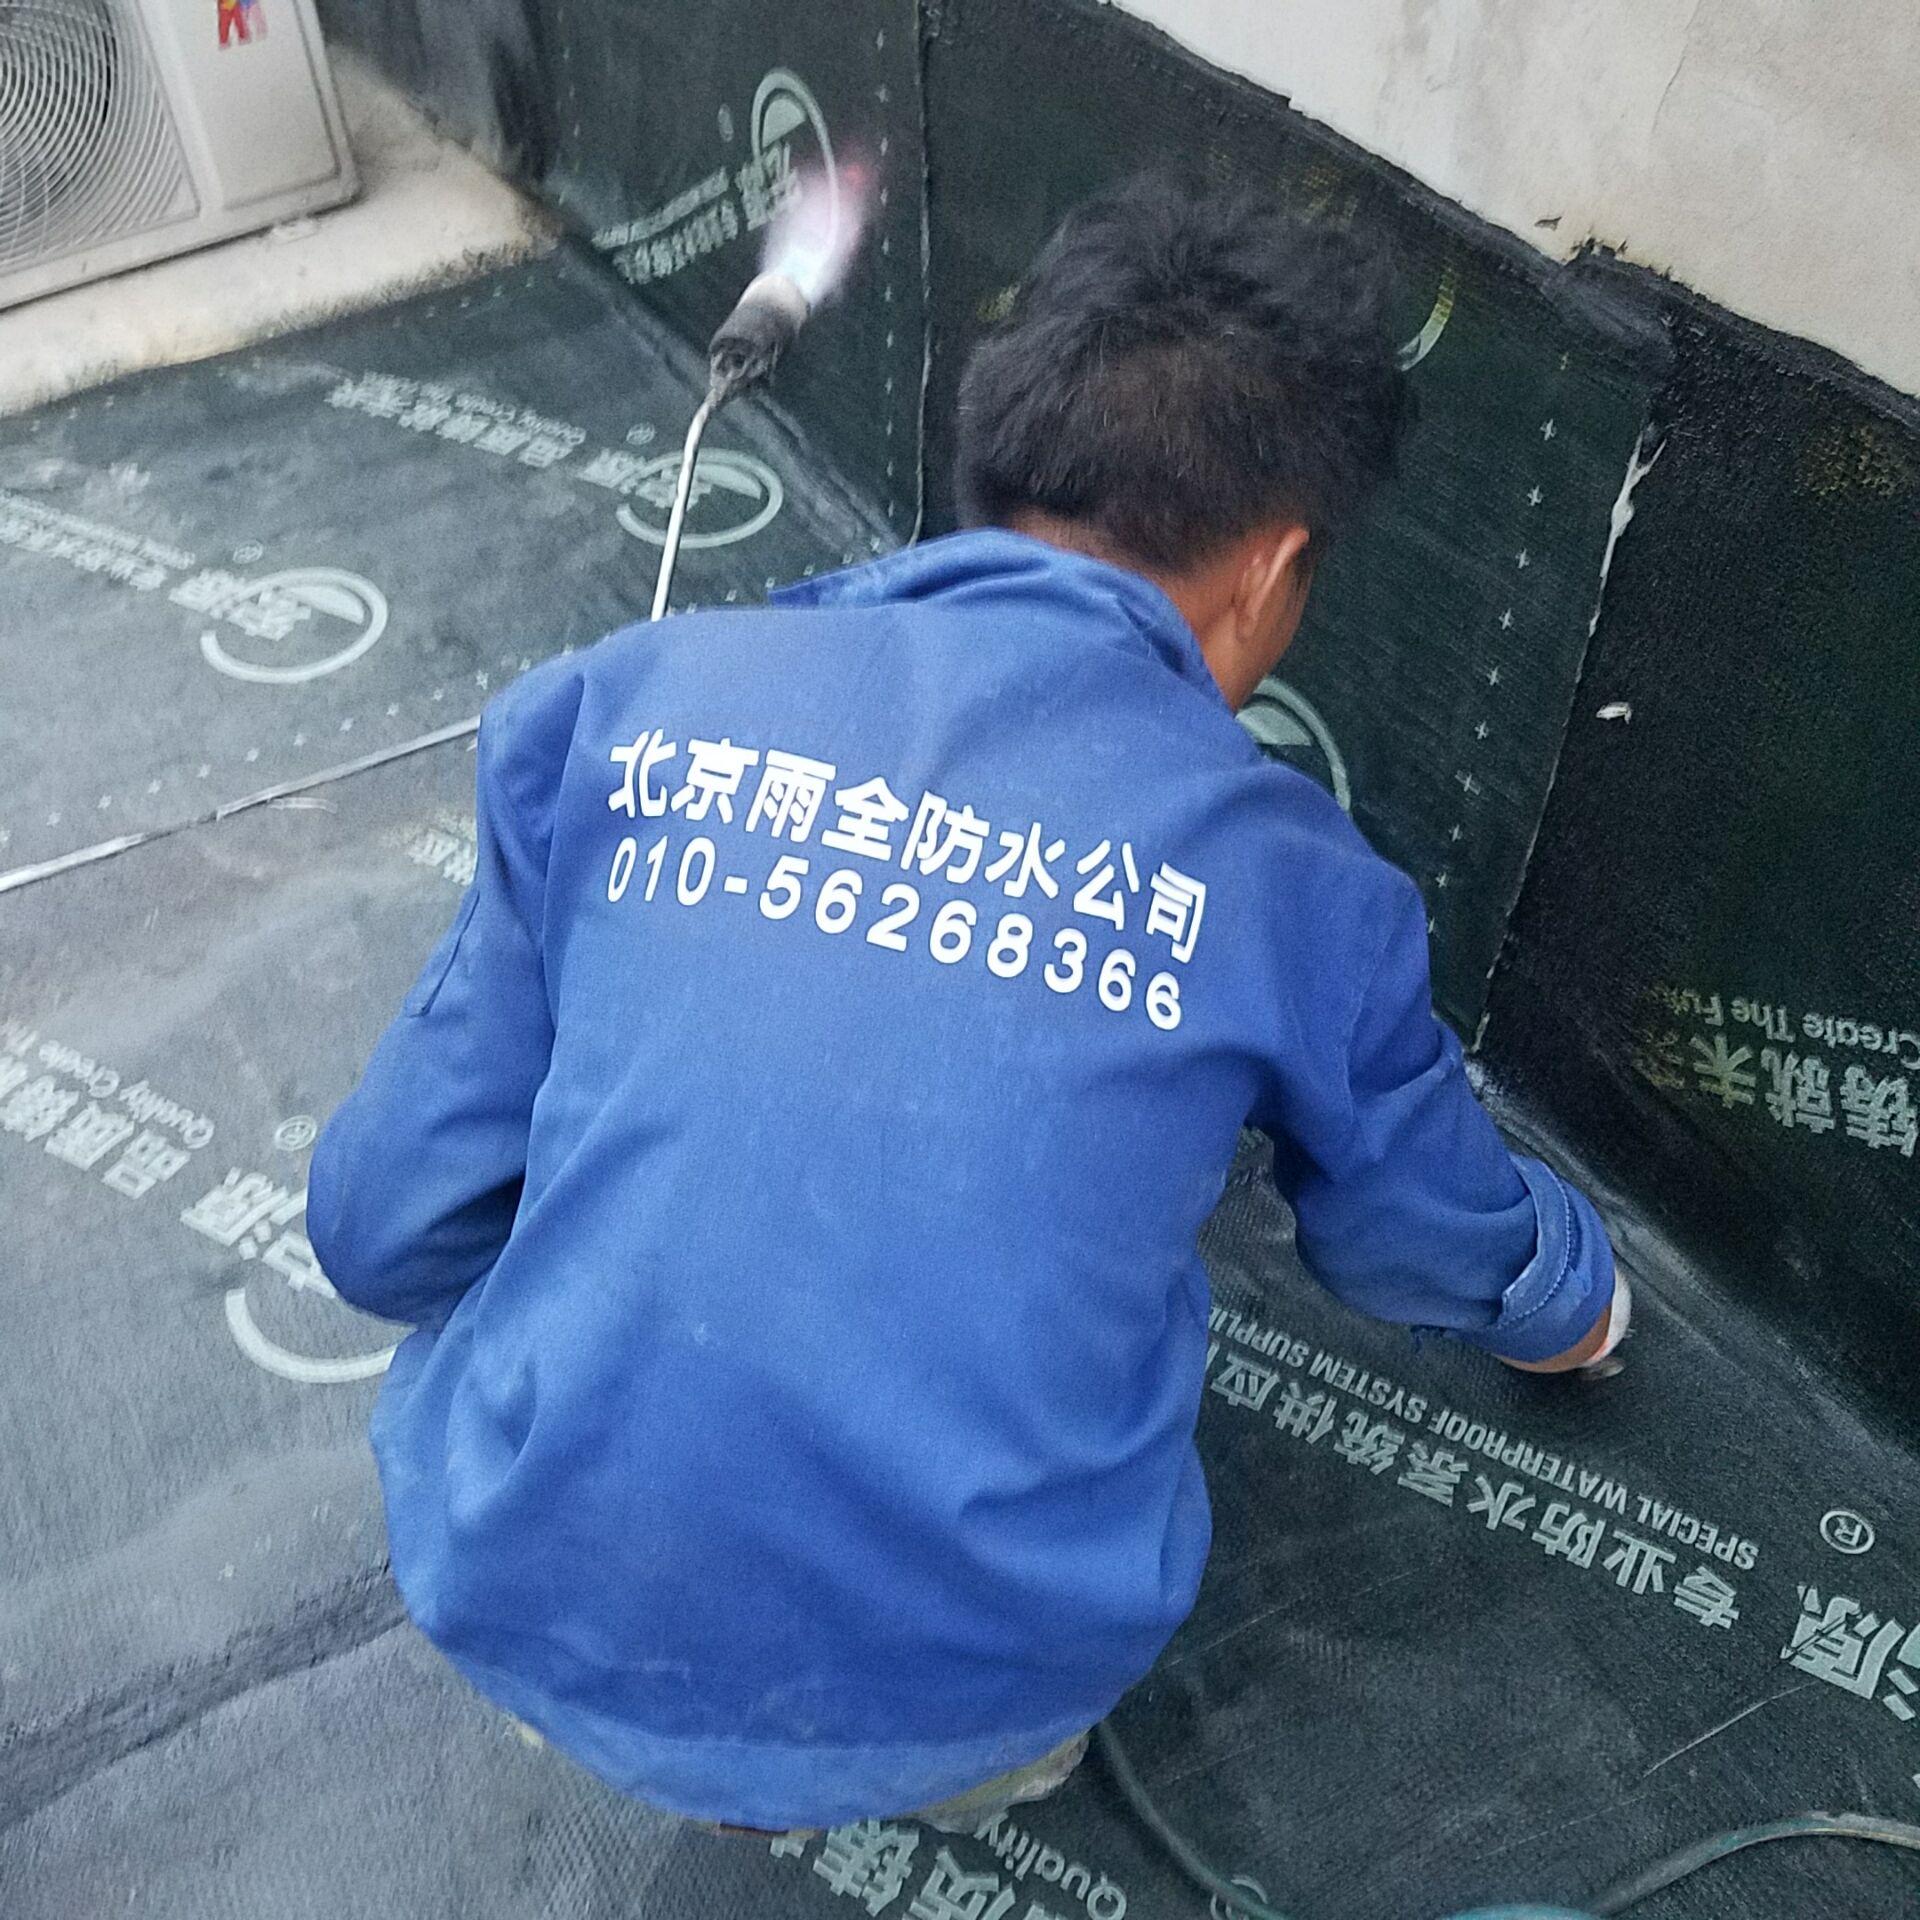 羊坊店城管楼屋面防水工程--雨全防水